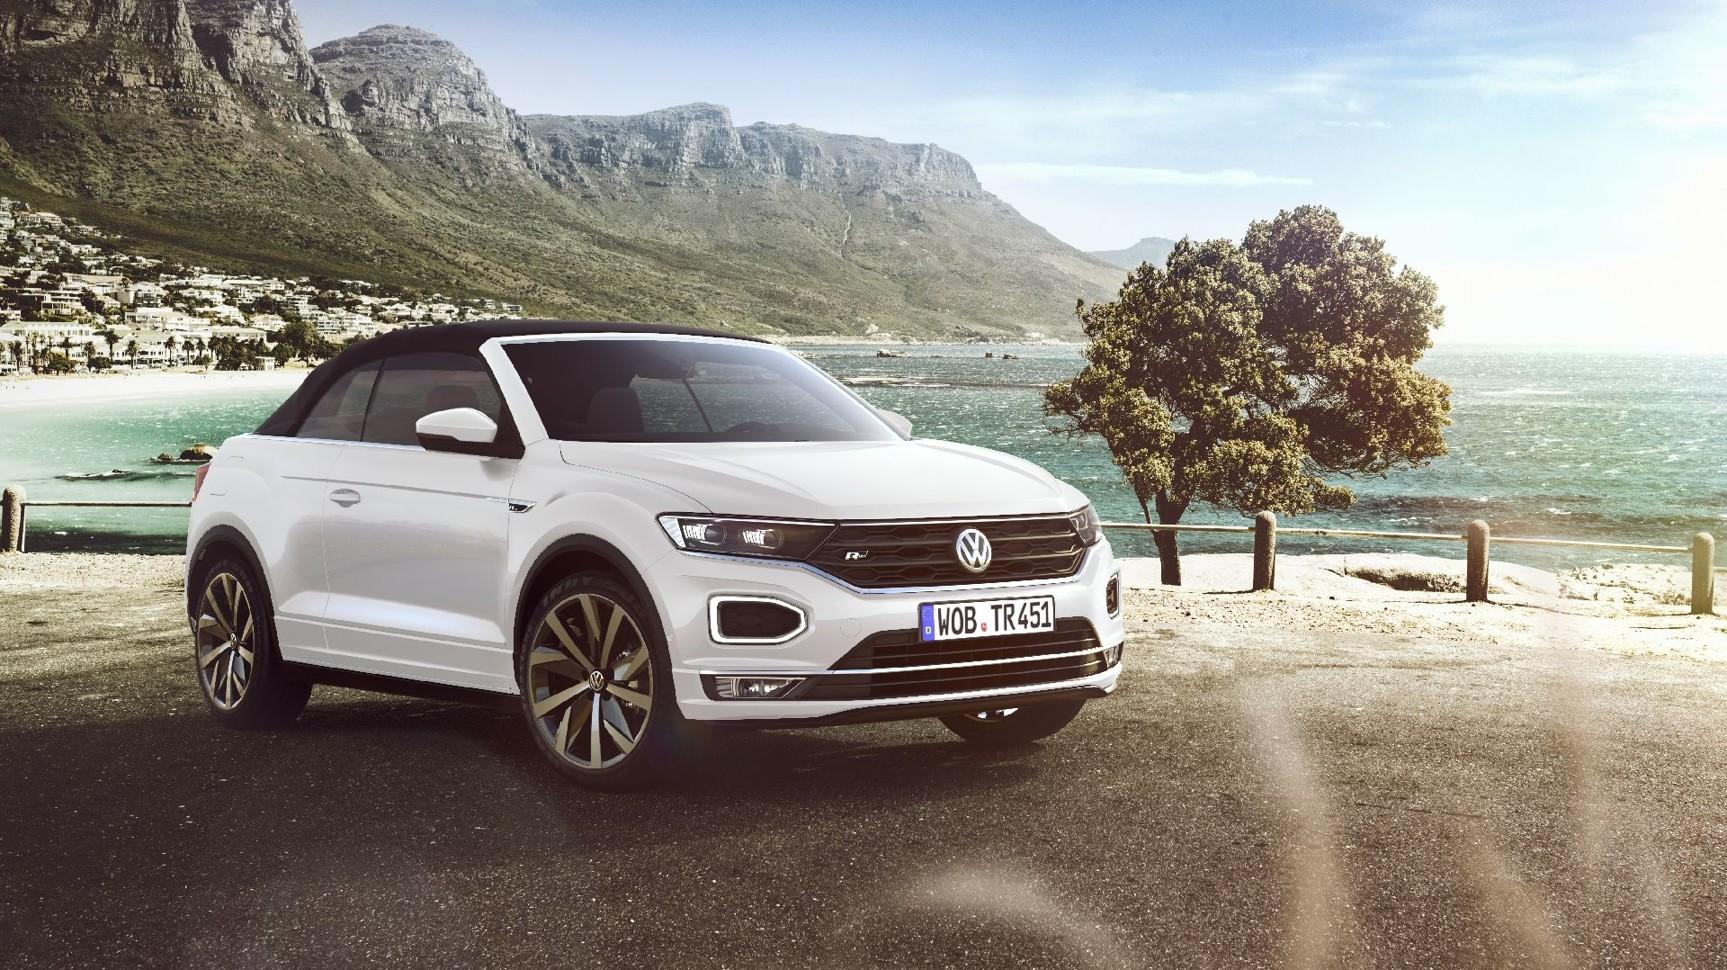 У Volkswagen появился стильный кроссовер без крыши 1